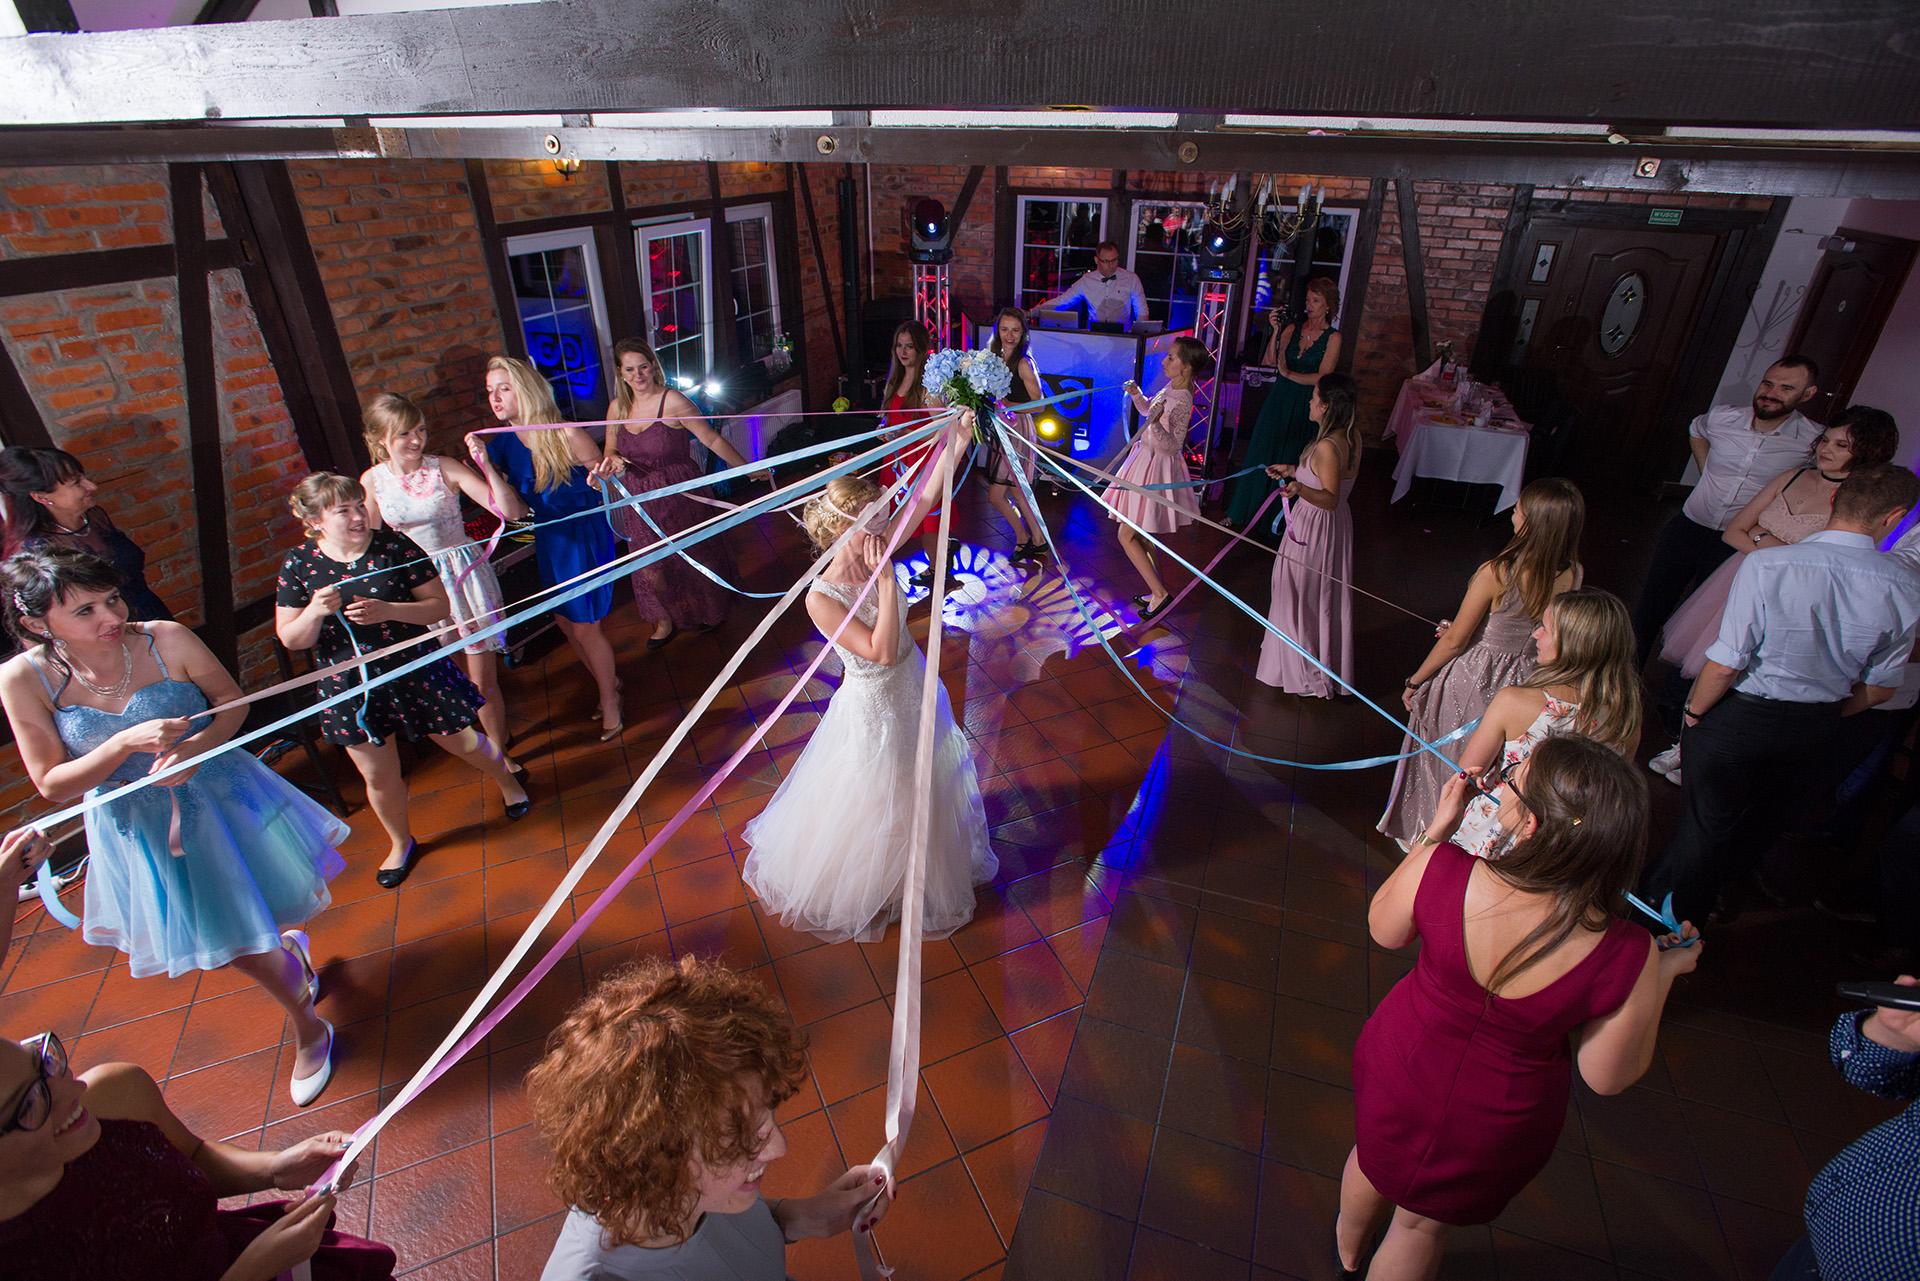 zabawy weselne wesele - fotograf ślubny - fotografia ślubna - zdjecia podczas wesela